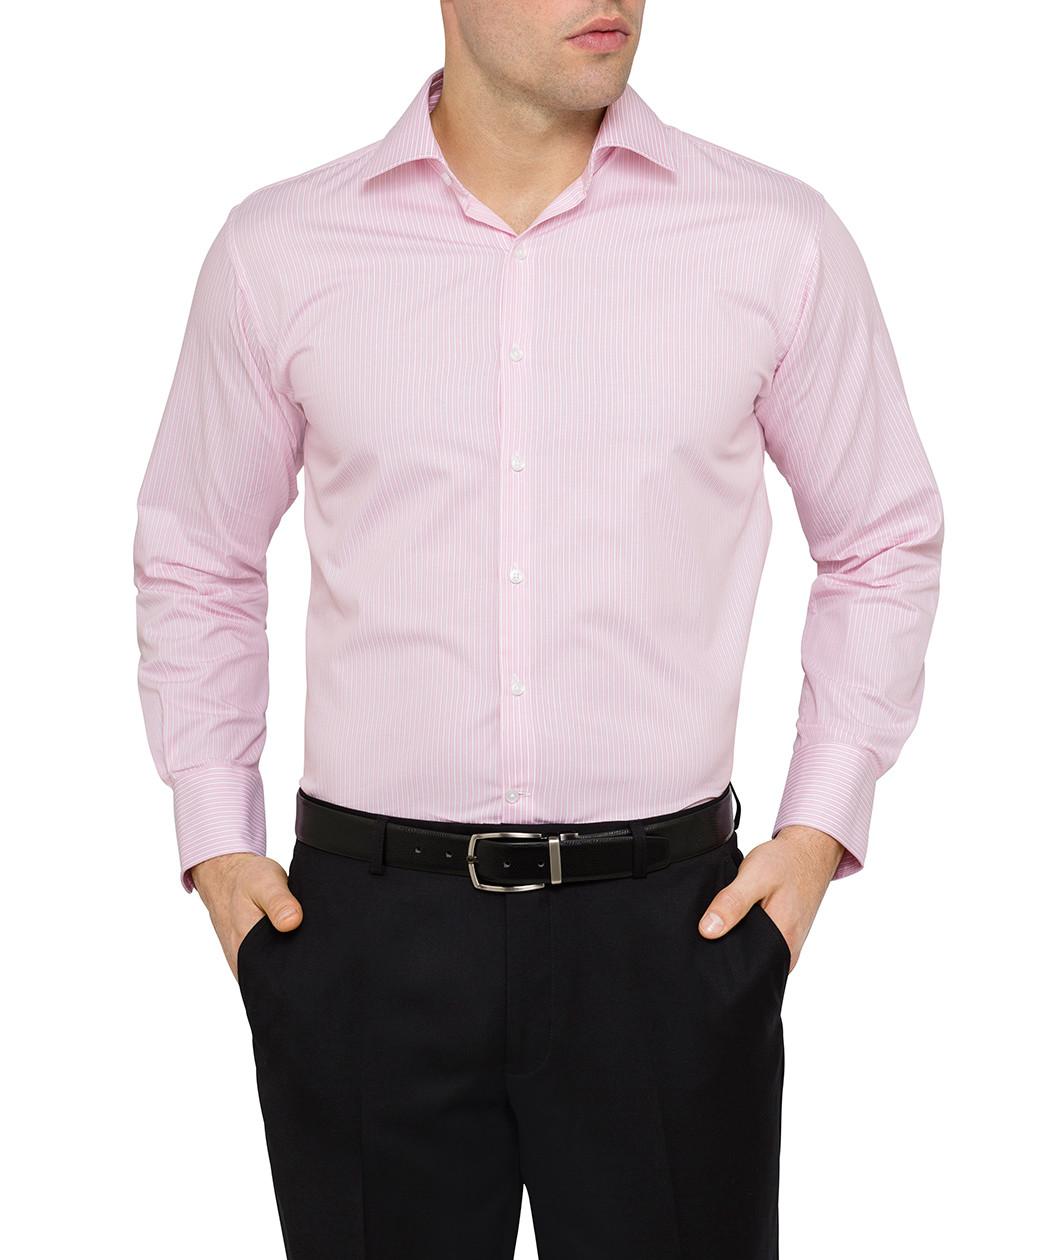 Van heusen pink white striped euro fit shirt van for Van heusen dress shirts